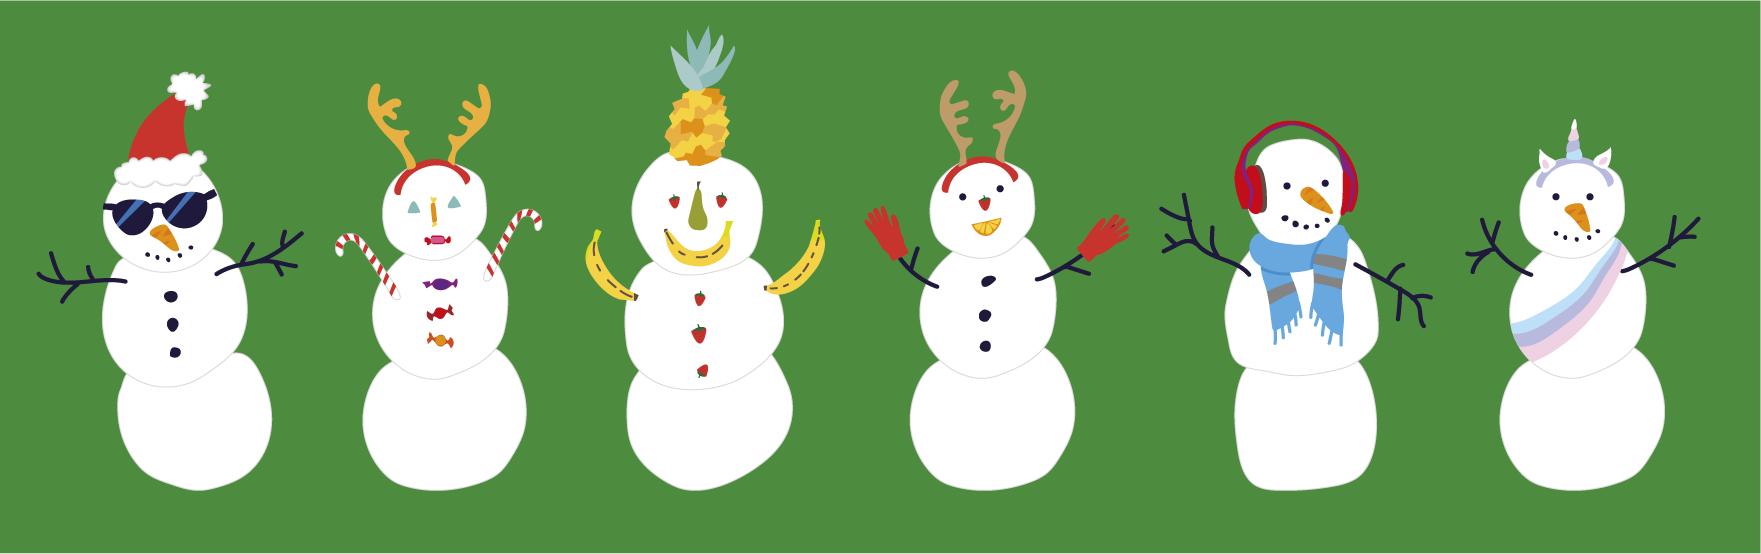 Christmas snow mates